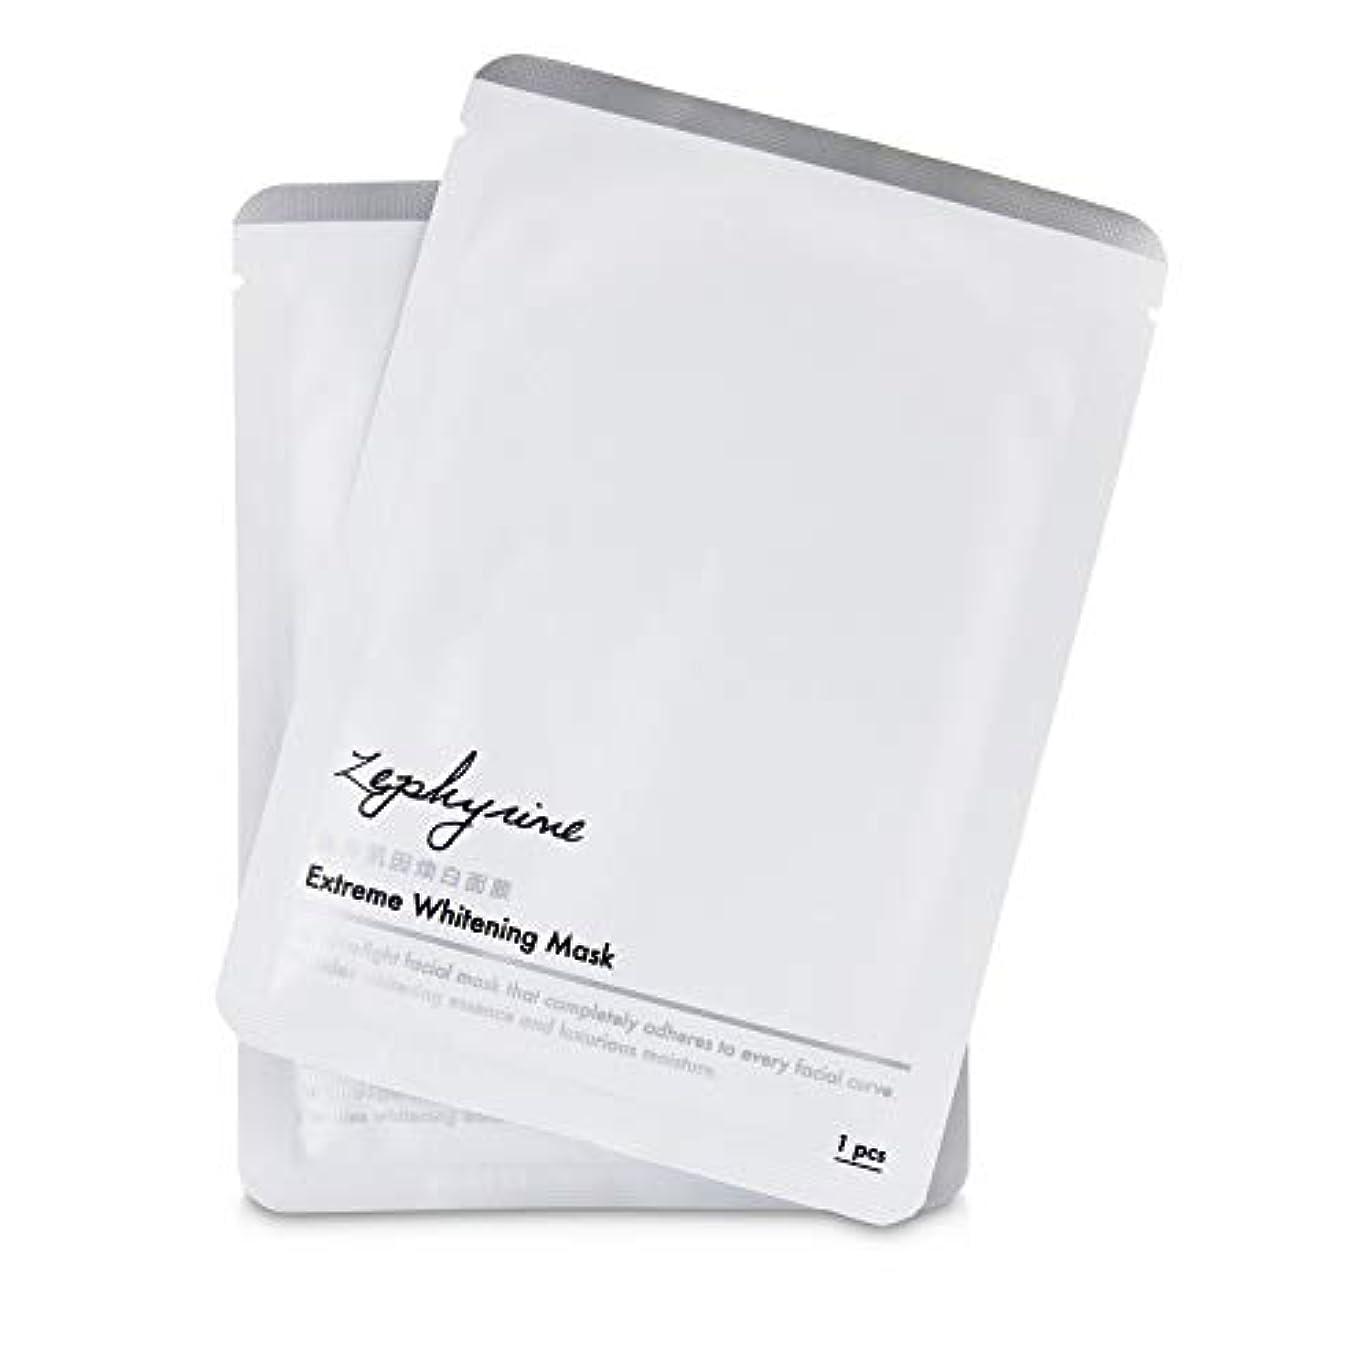 月曜アウトドア水差しZephyrine Extreme Whitening Mask 3pcs並行輸入品